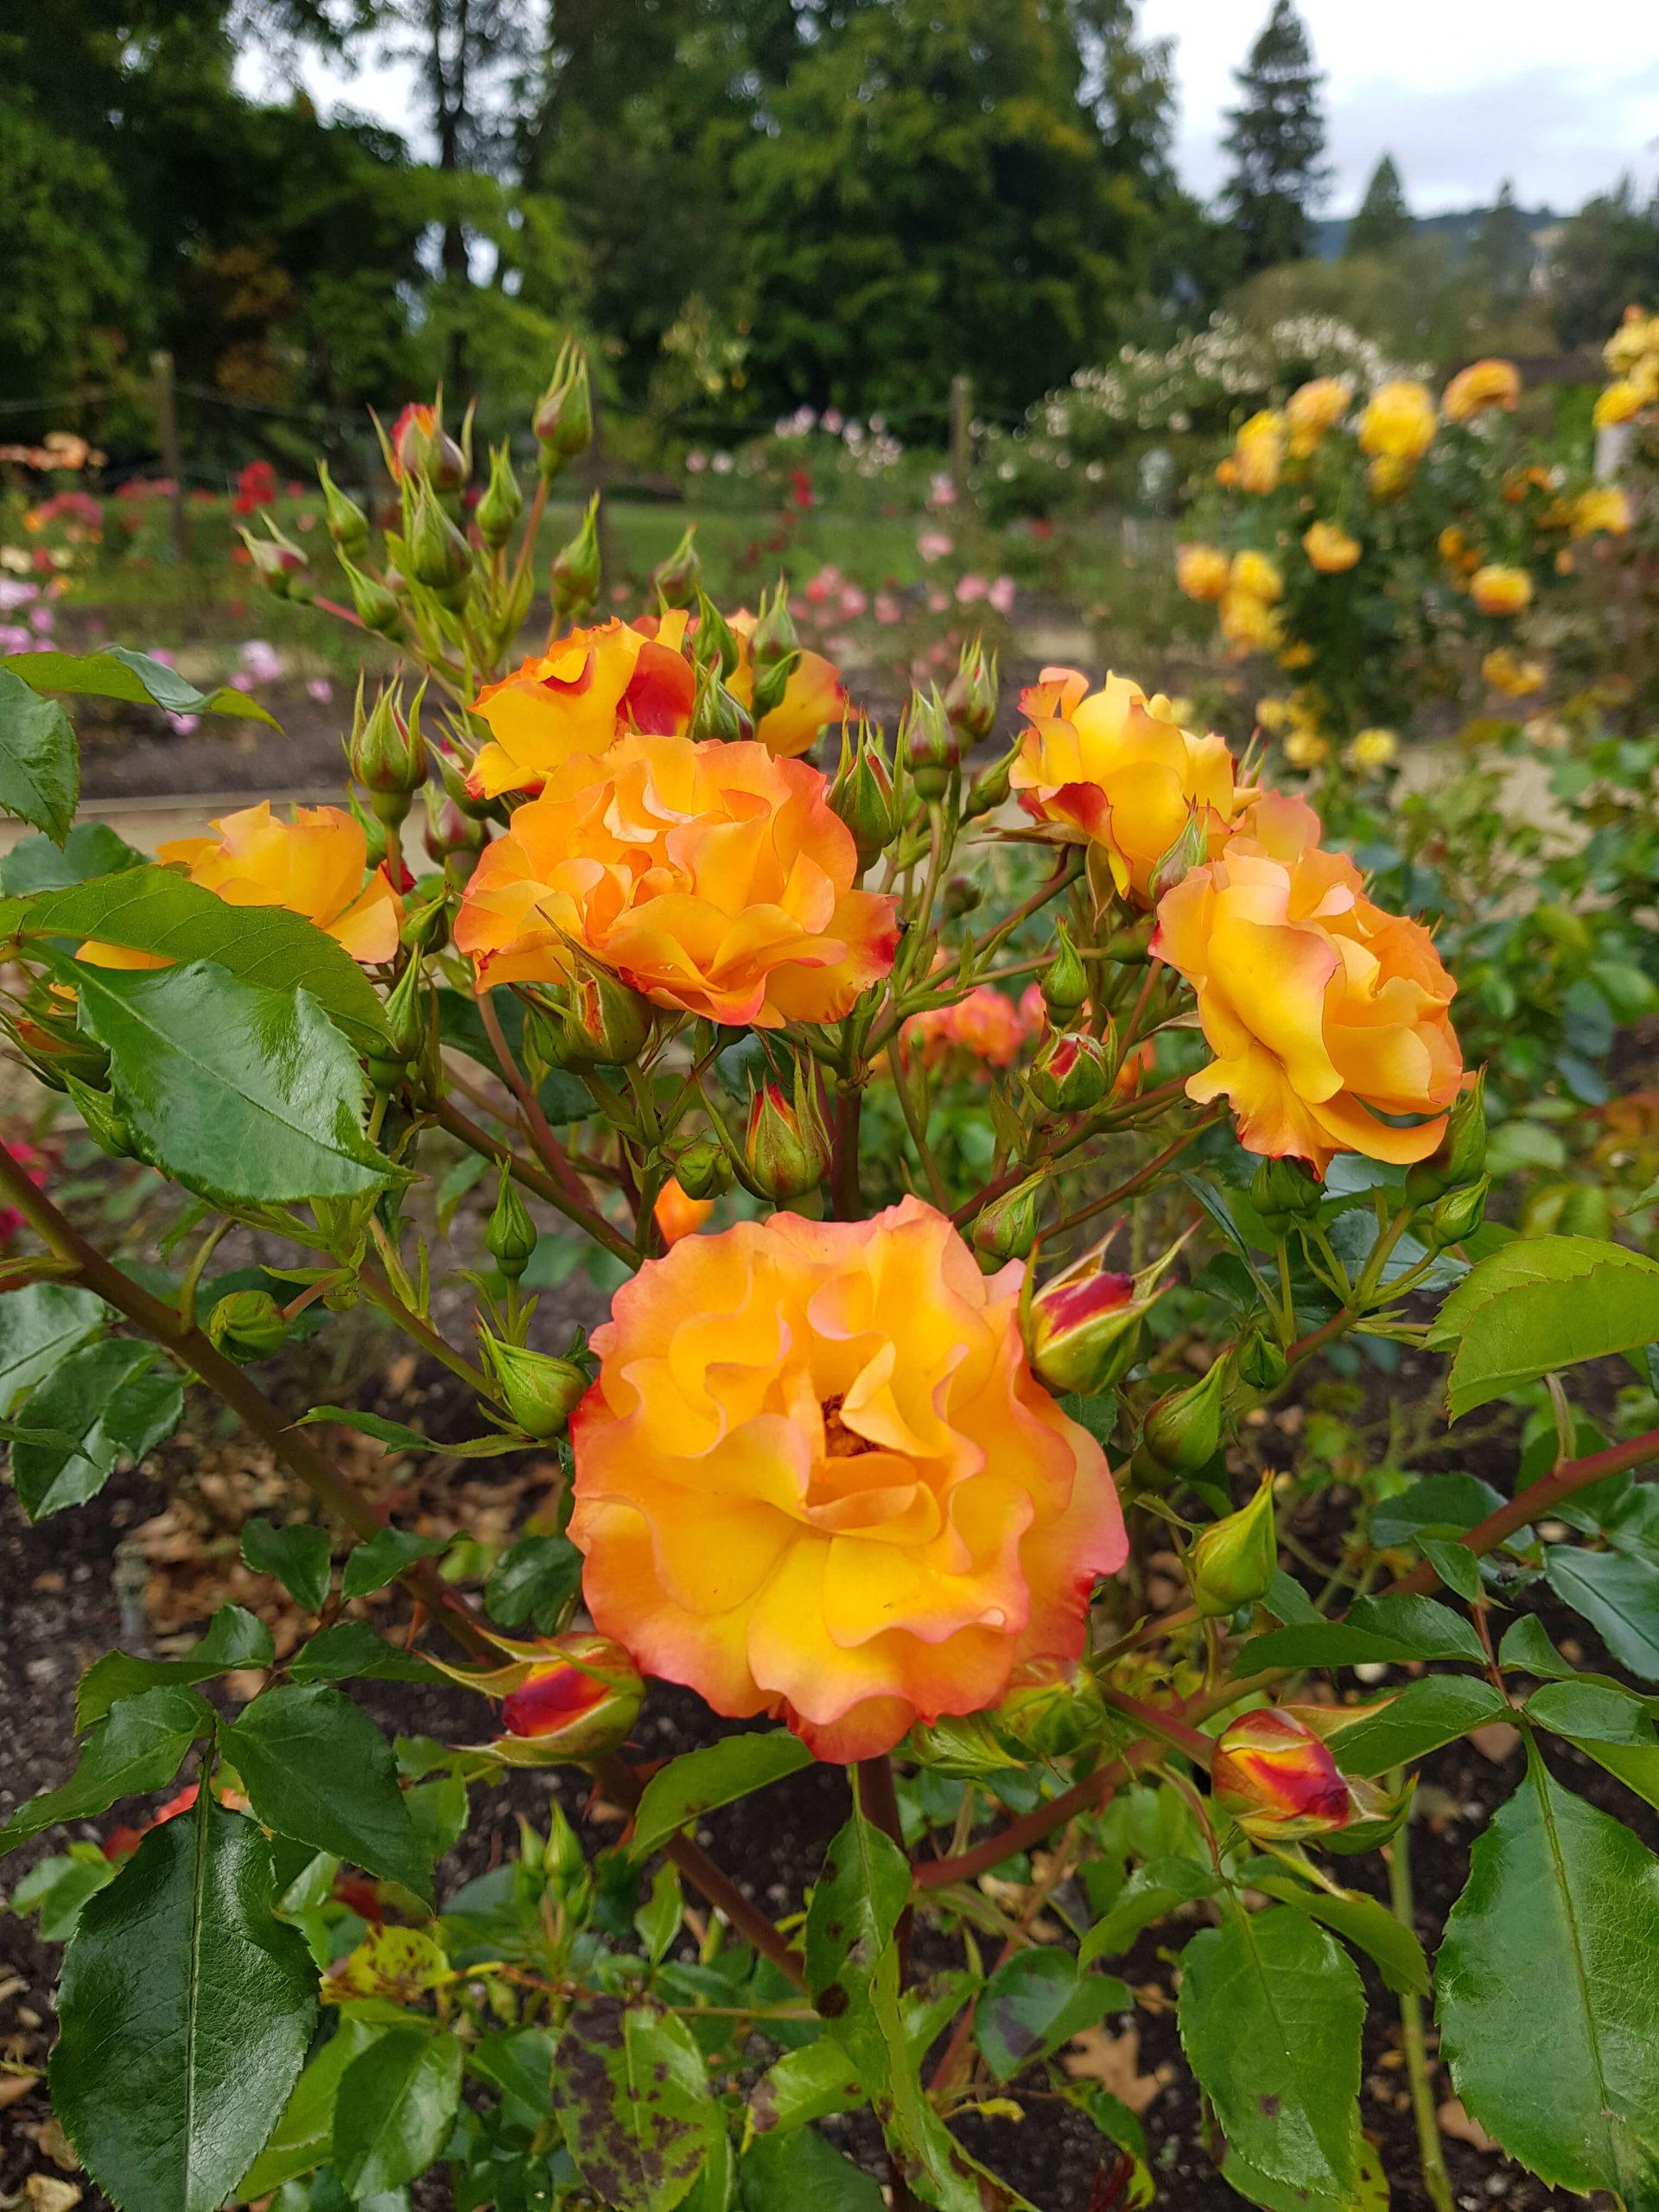 Roses oranges jardin botanique Dunedin